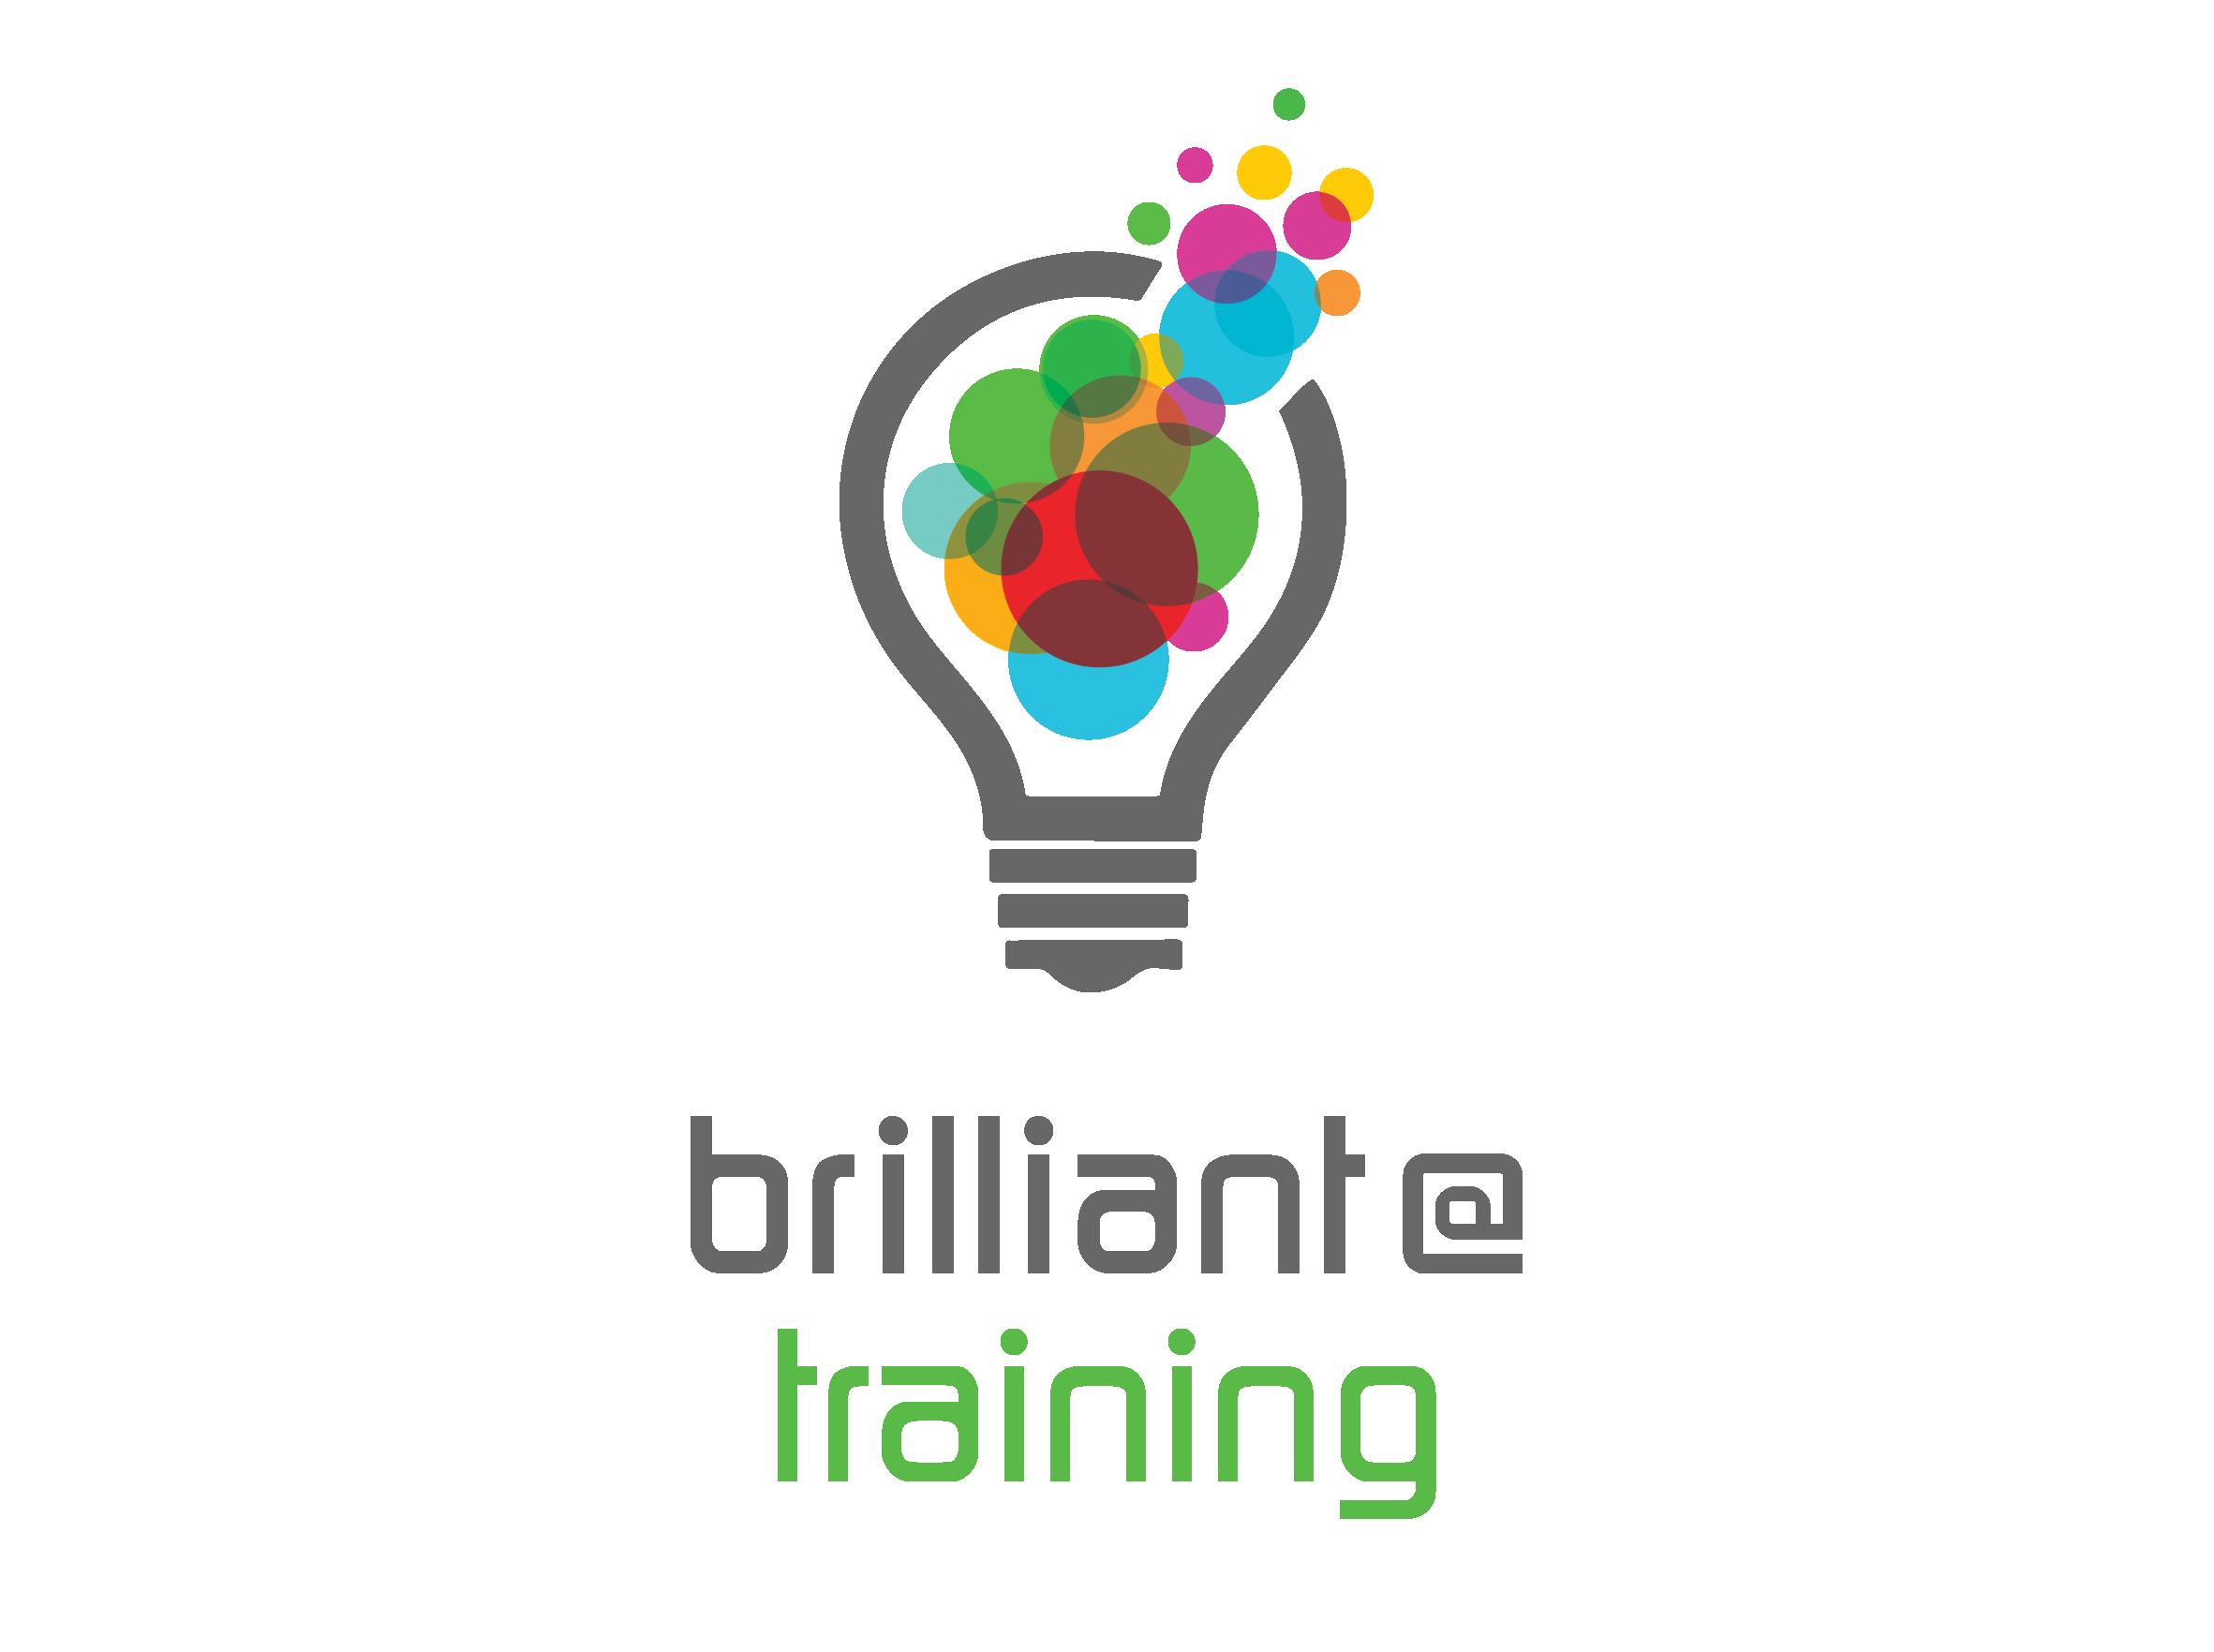 Brilliant @ company logos_Training copy